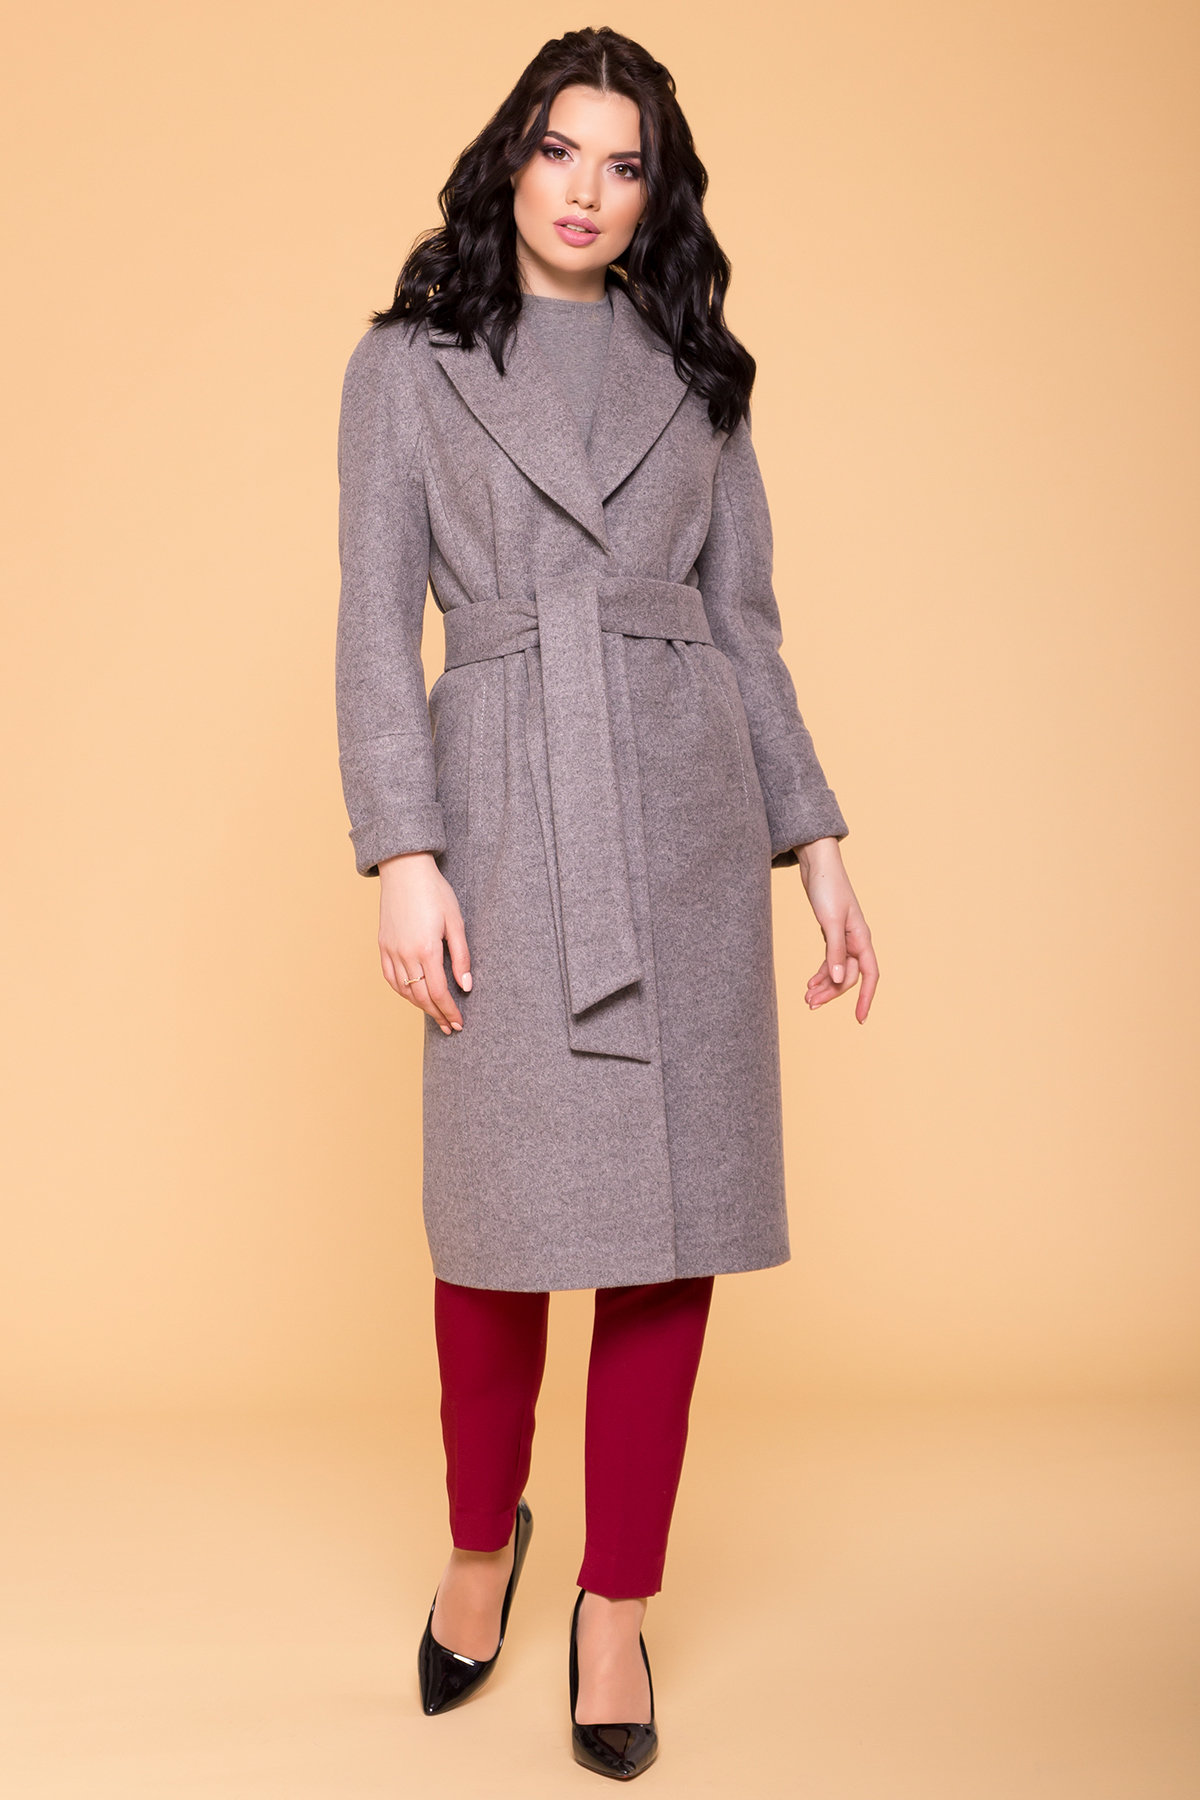 Купить демисезонное пальто от ТМ Modus Пальто Верди 6205